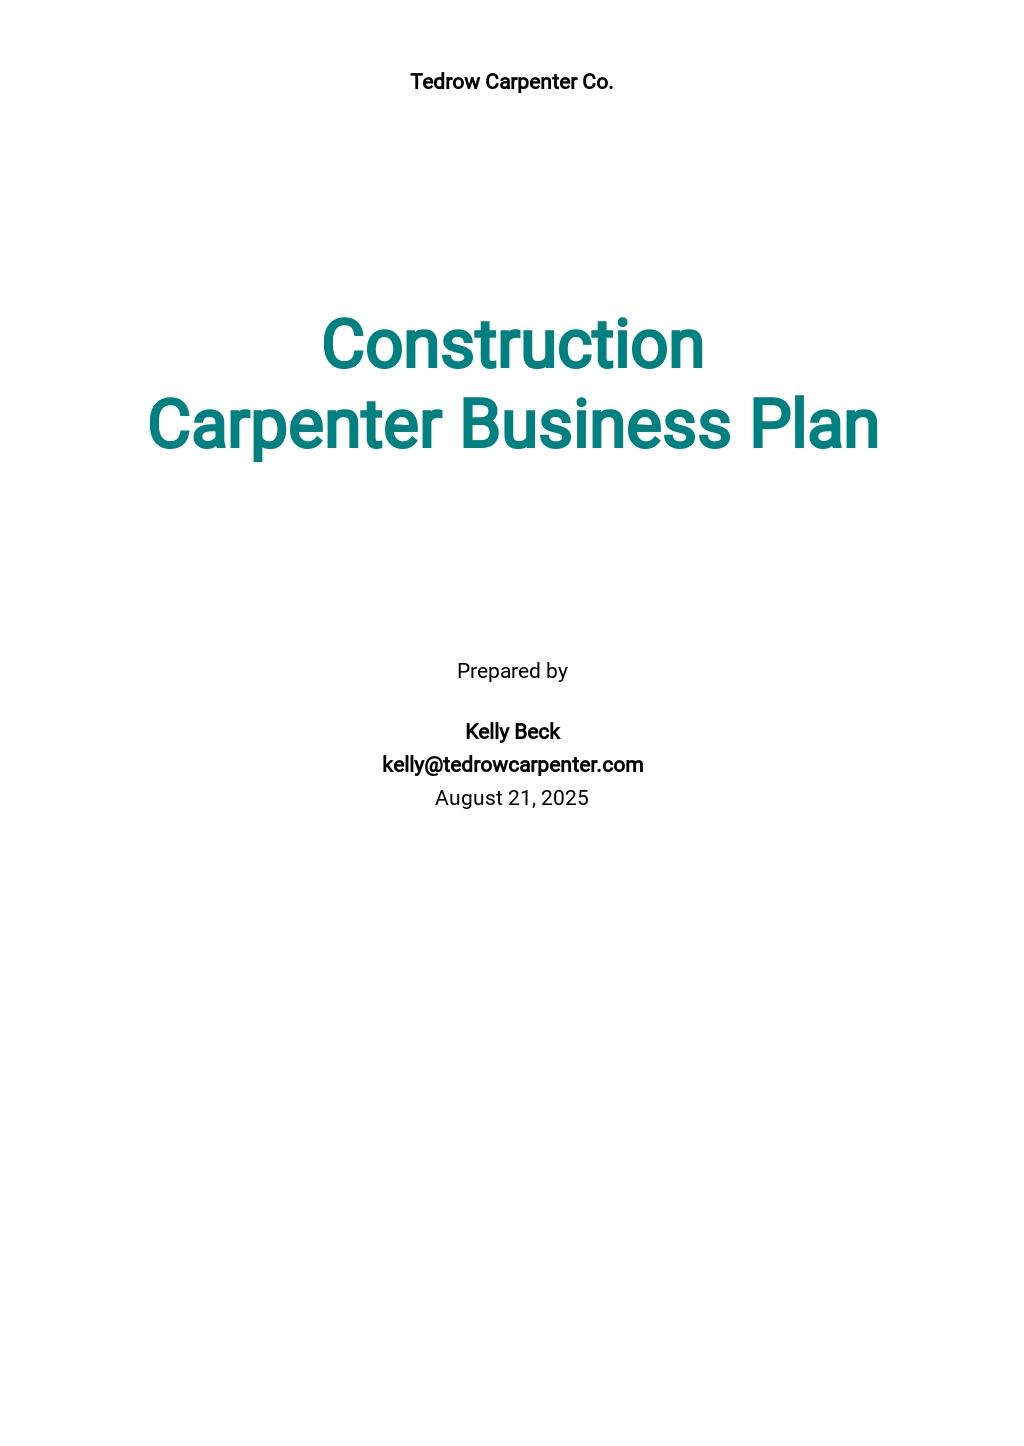 Construction Carpenter Business Plan Template